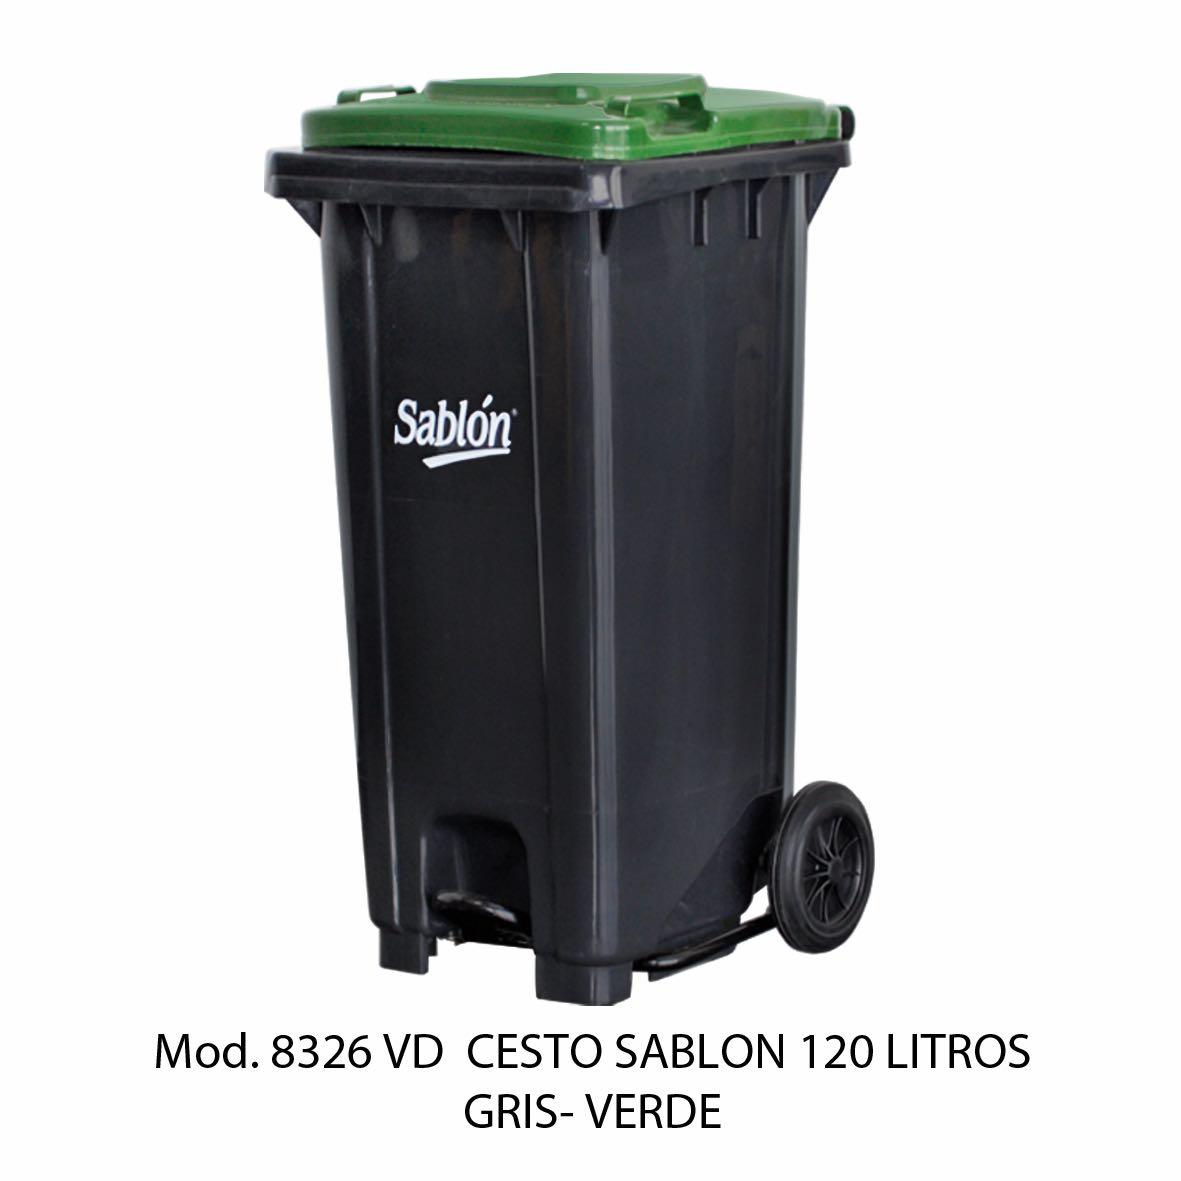 Contenedor para basura de 120 litros cuerpo gris y tapa verde - Modelo 8326 VD - Sablón